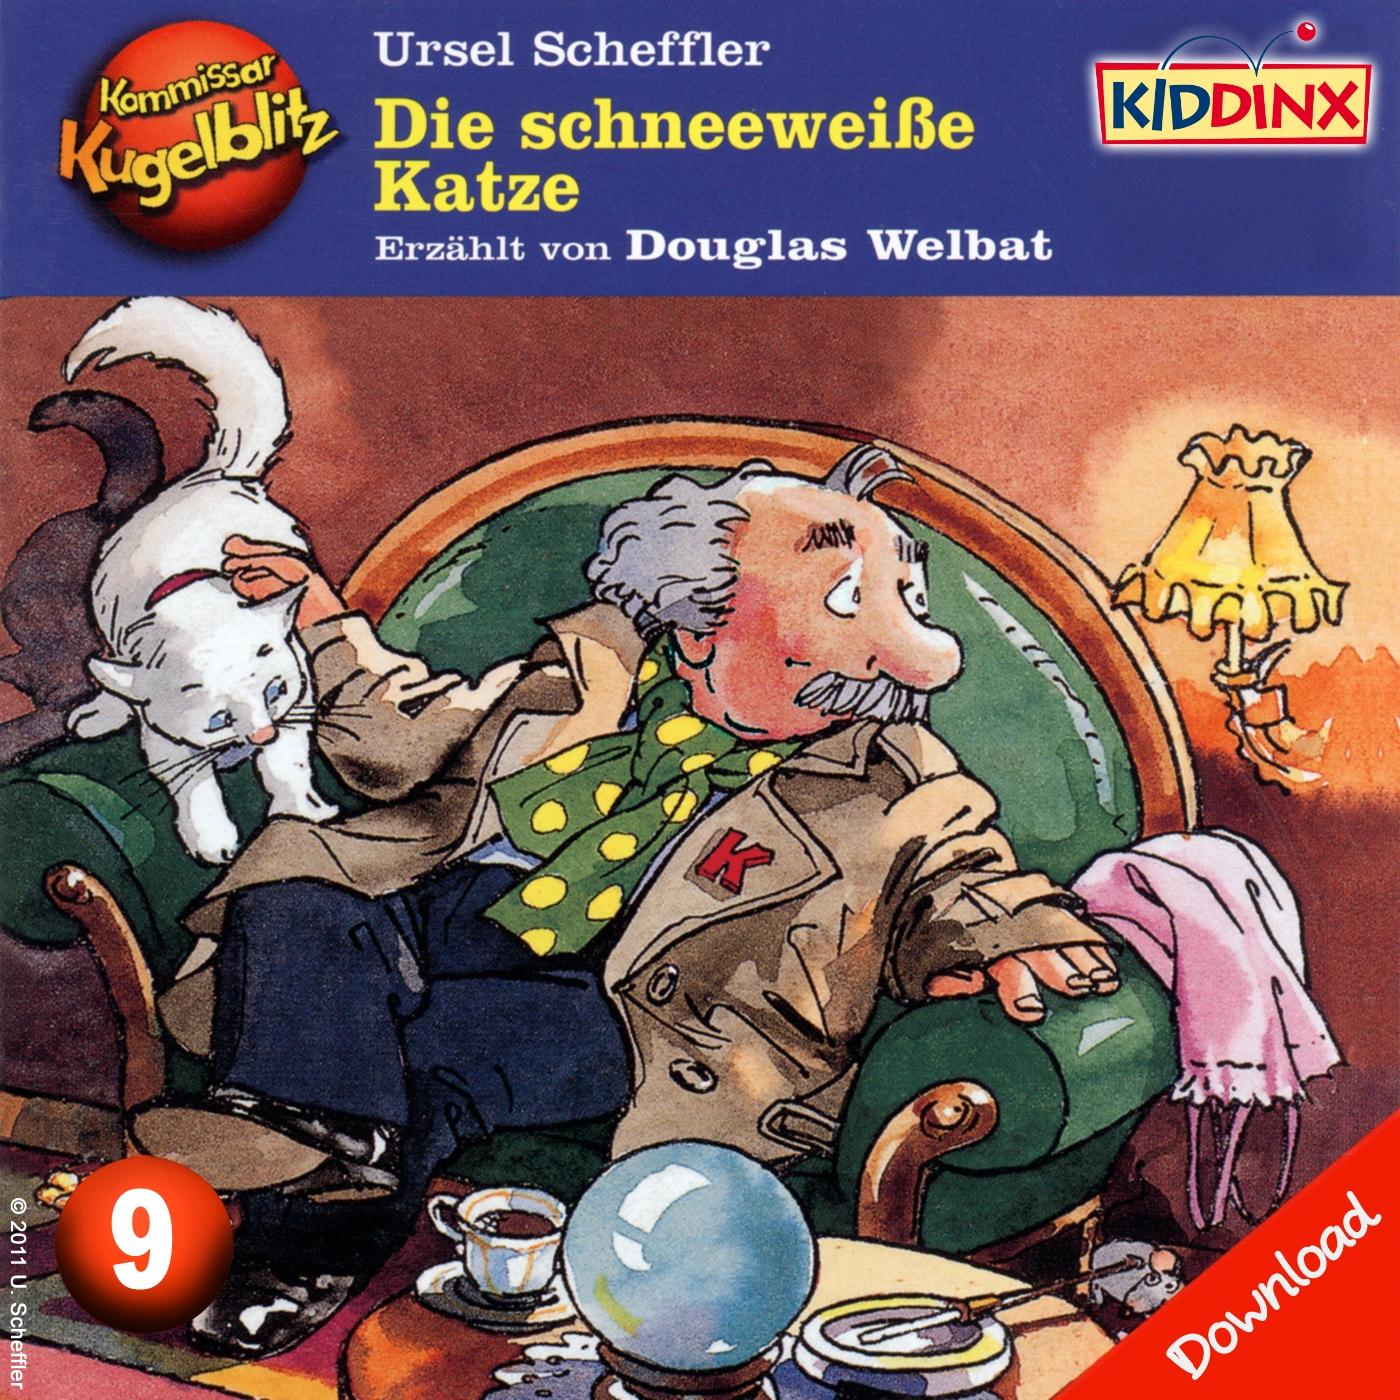 Kommissar Kugelblitz: Die schneeweiße Katze (Folge 9)